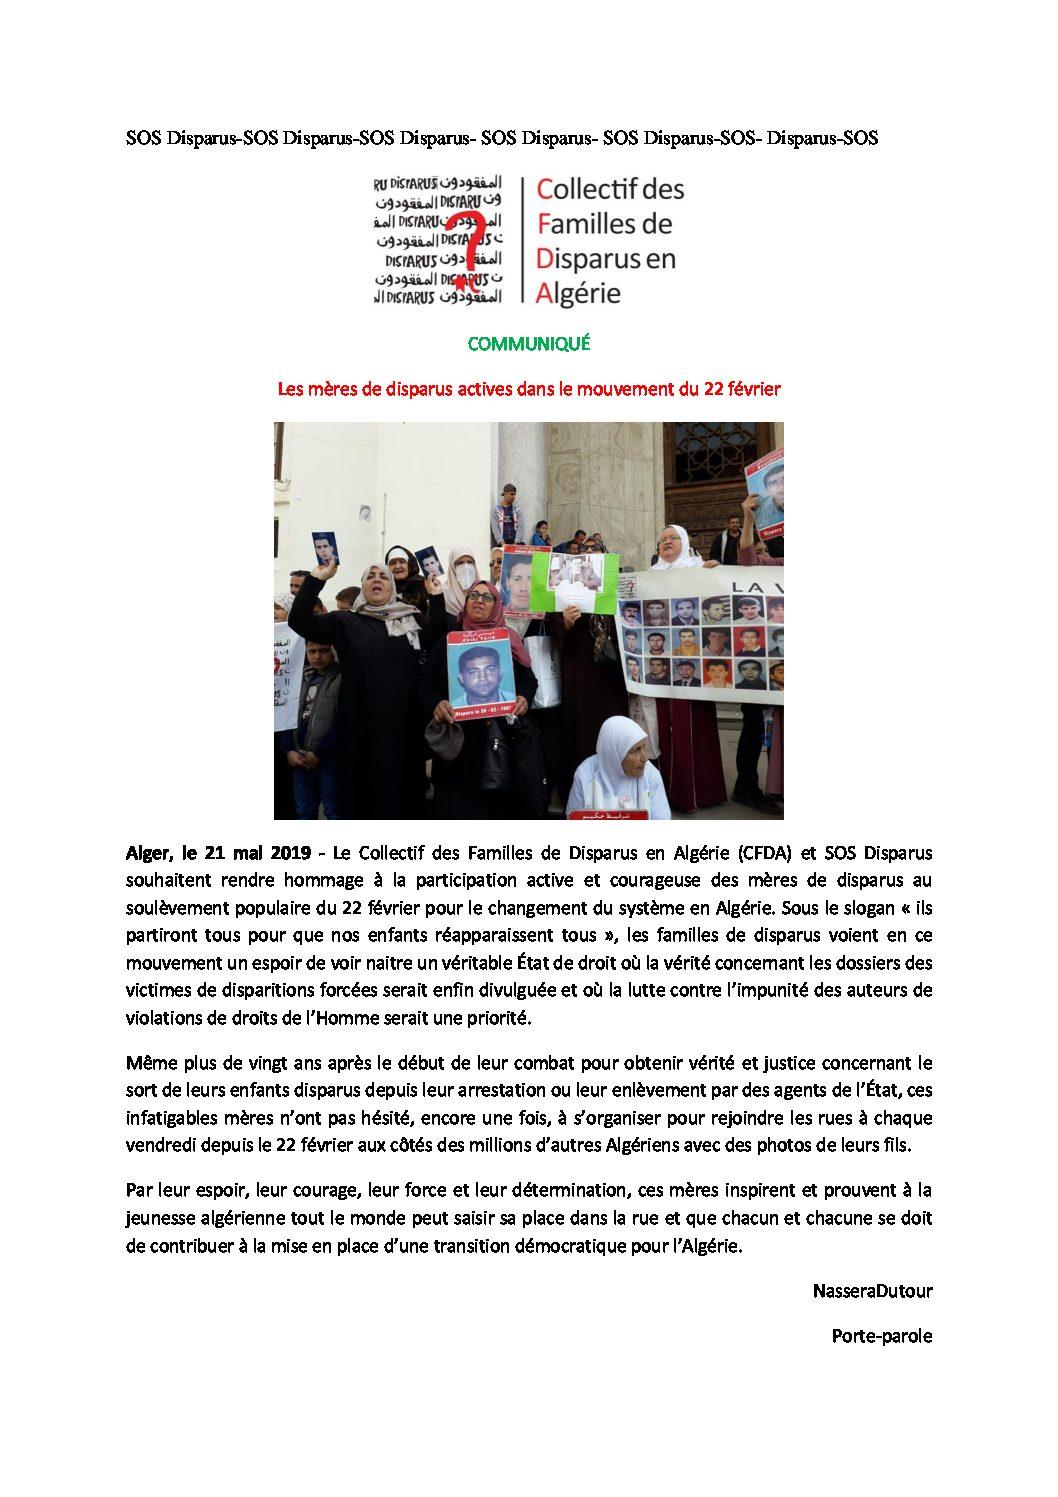 Collectif des Familles de disparus en Algérie — Communiqué : les mères de disparus actives dans le mouvement du 22 février